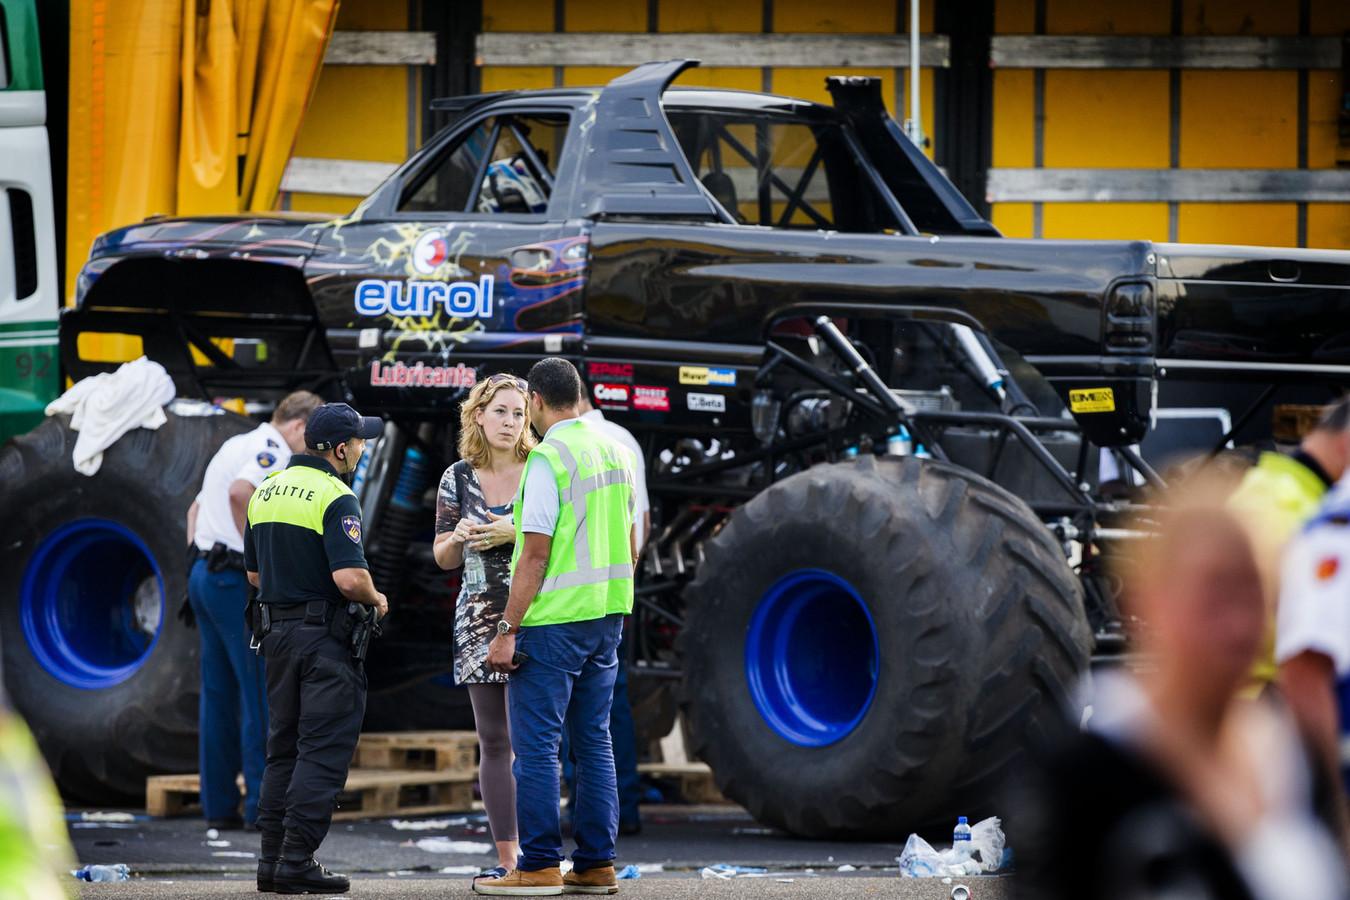 Politie bij de monstertruck die tijdens een evenement in het publiek gereden is.